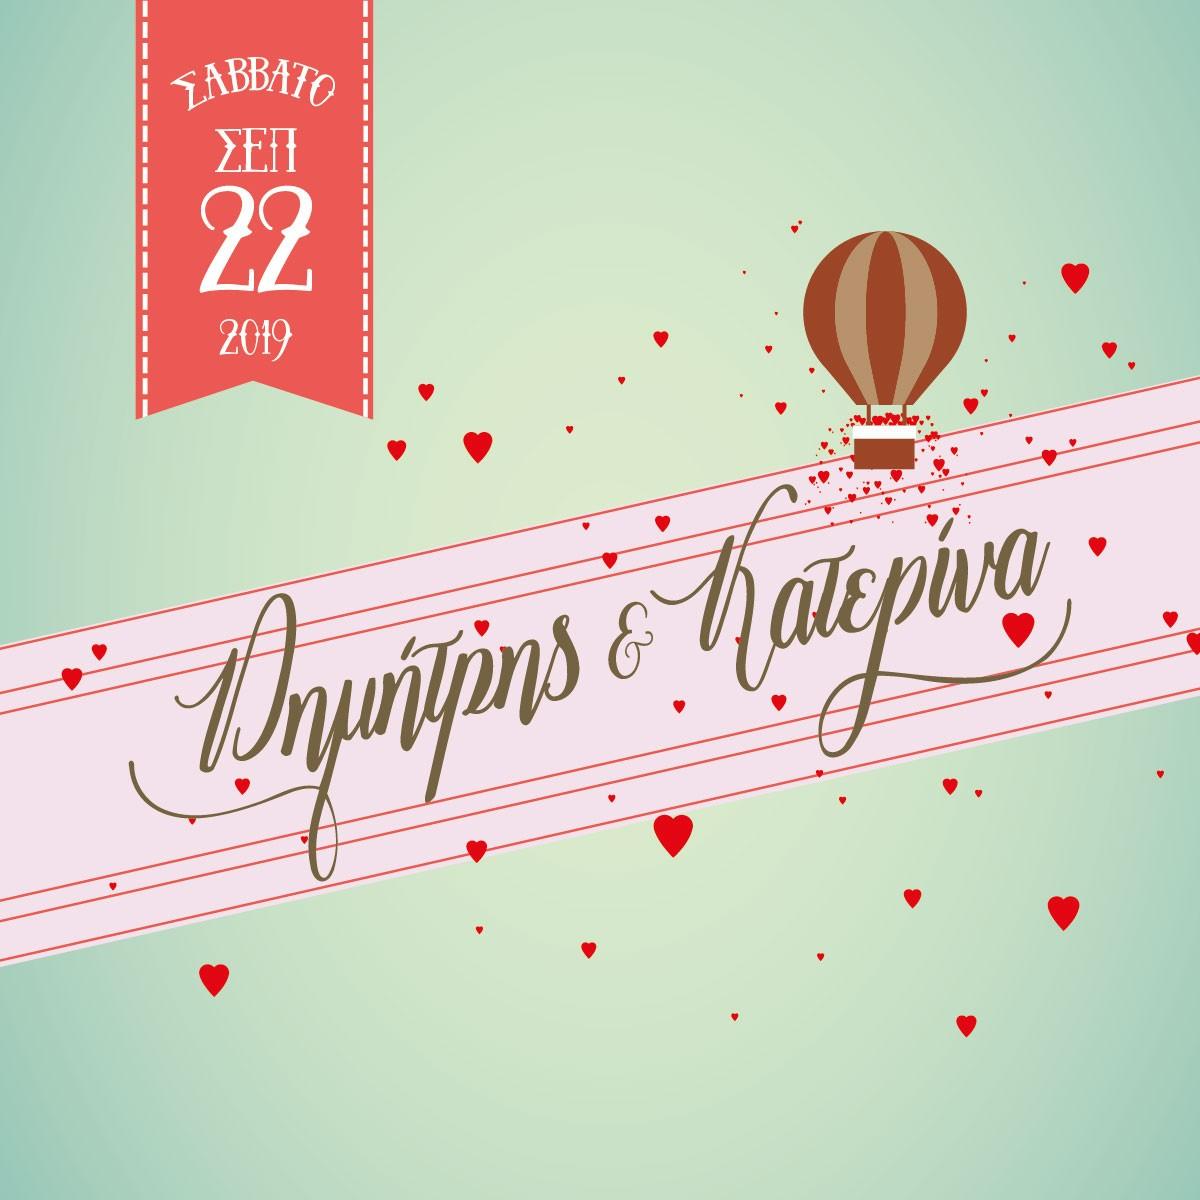 Αερόστατο με καρδούλες